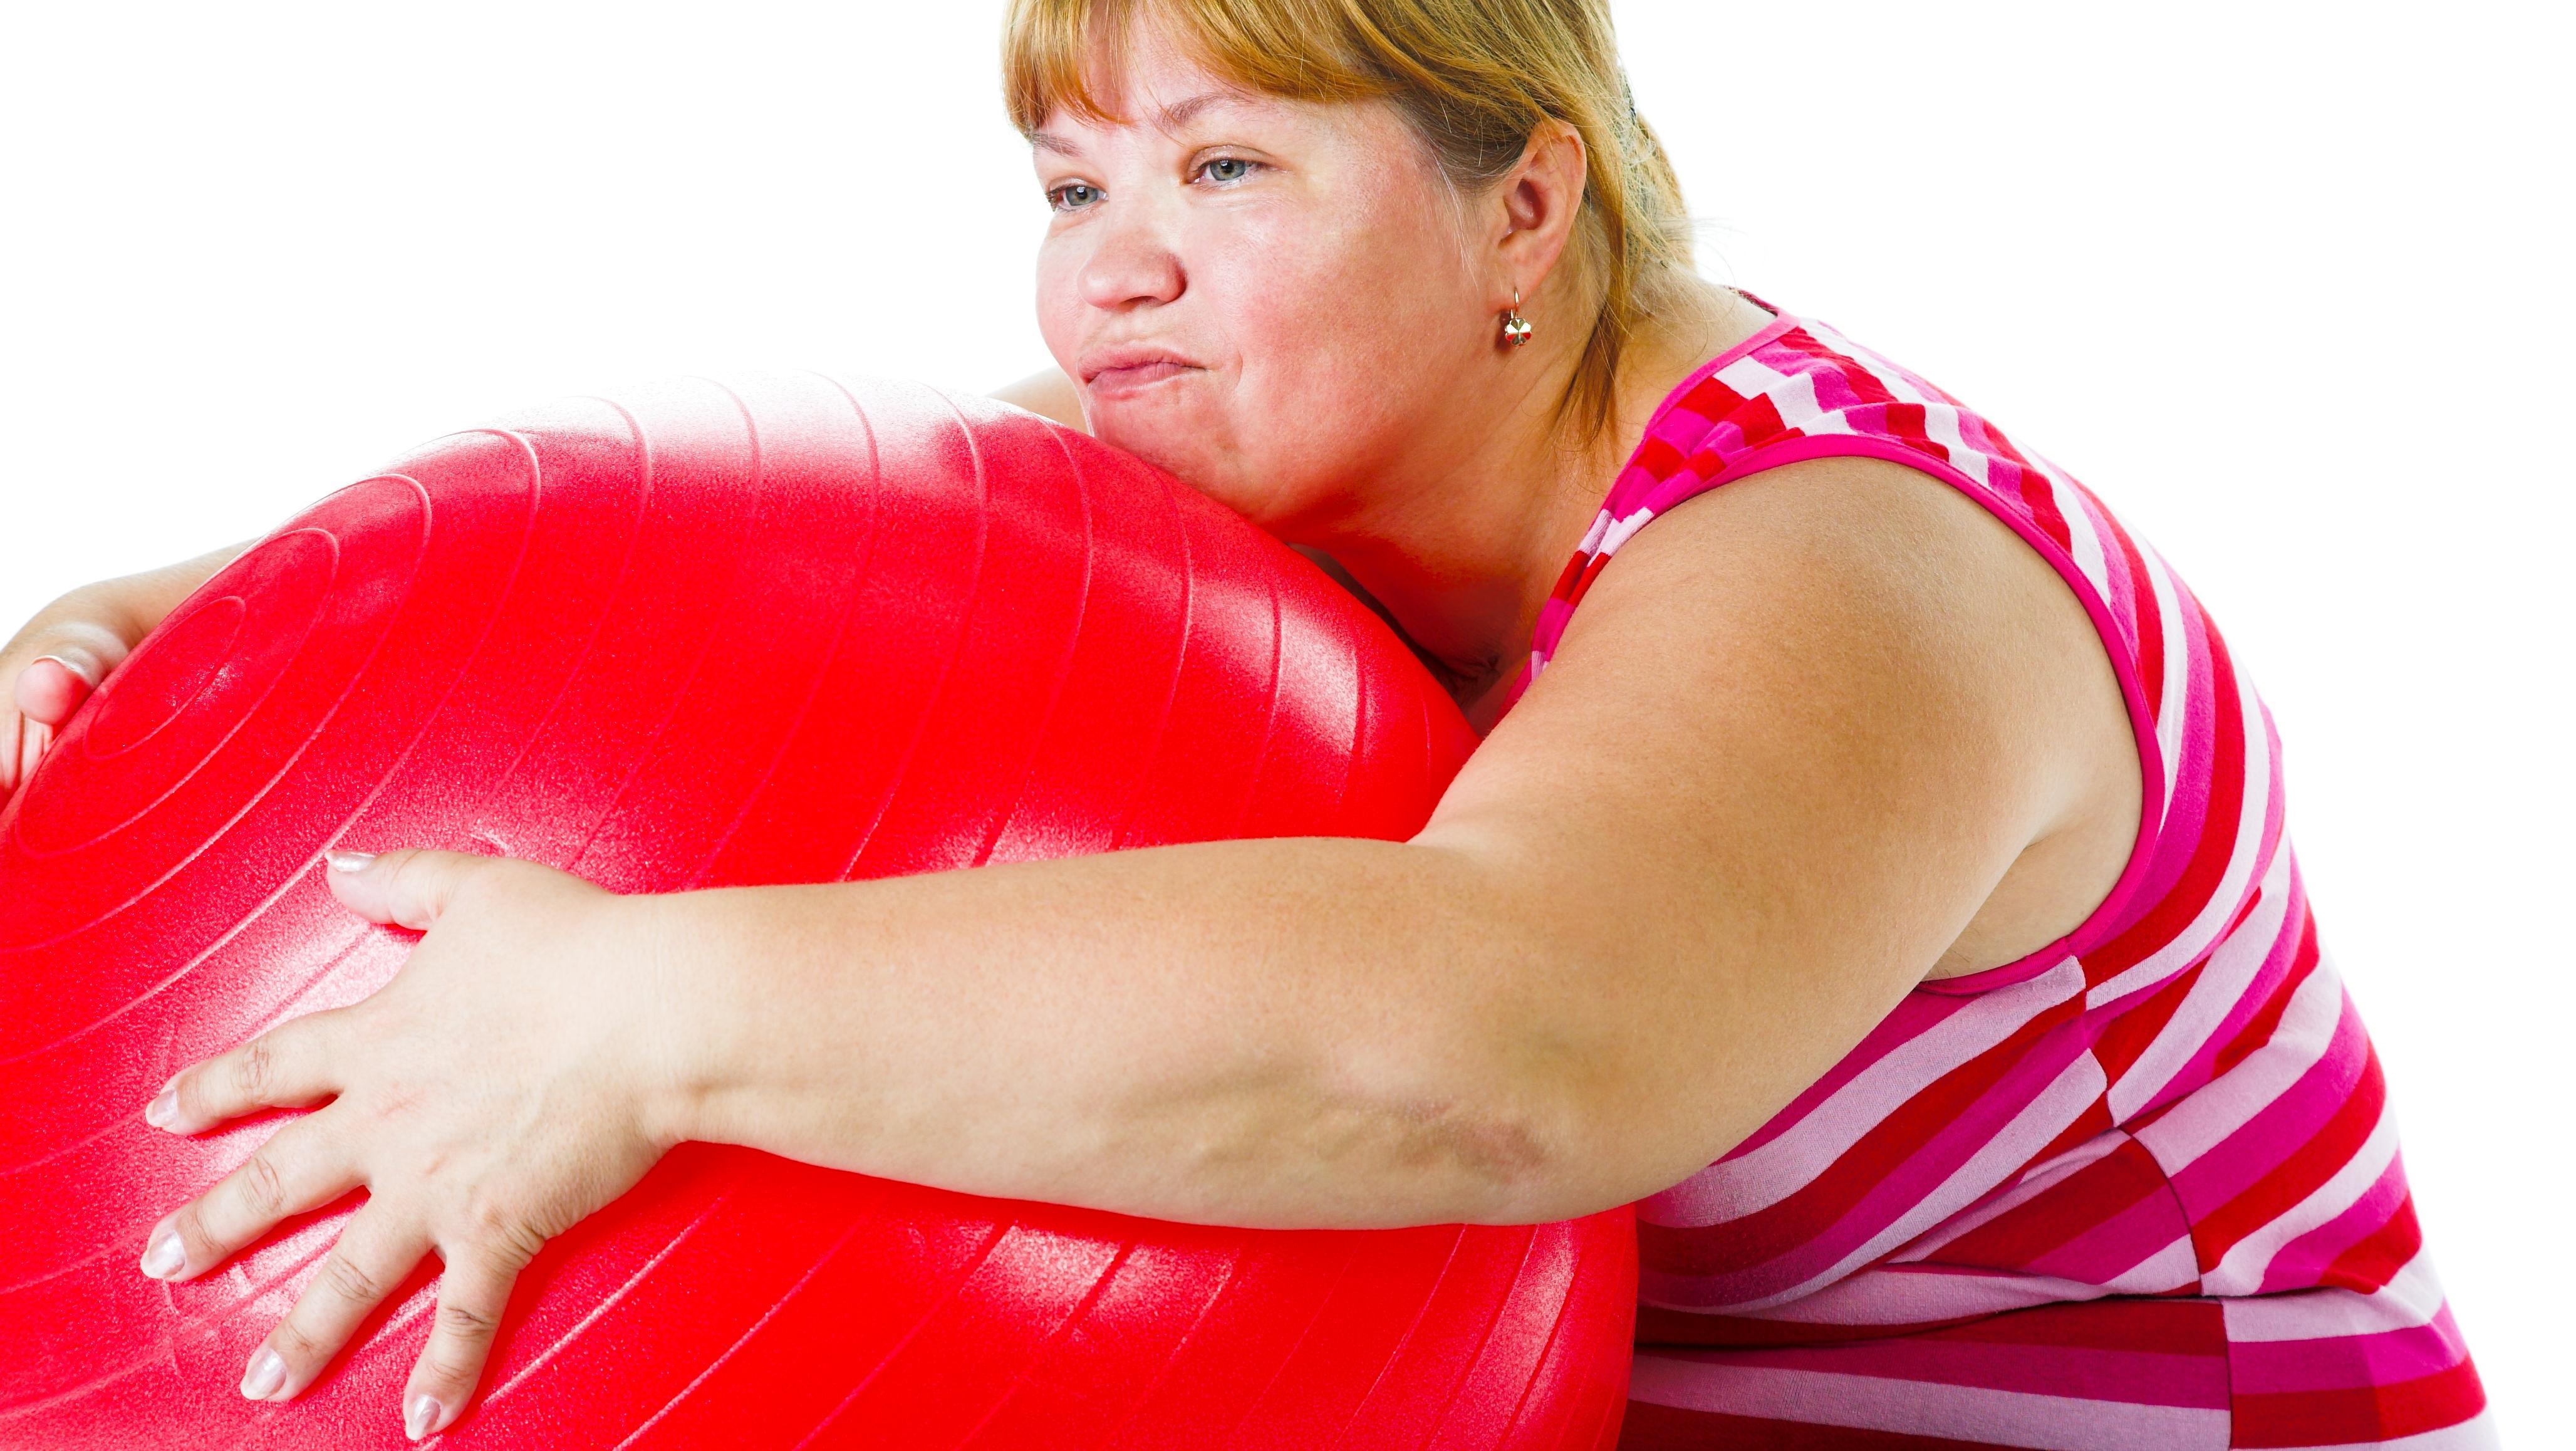 Hård træning giver overvægtige stress og kun lille vægttab | Lev nu | DR